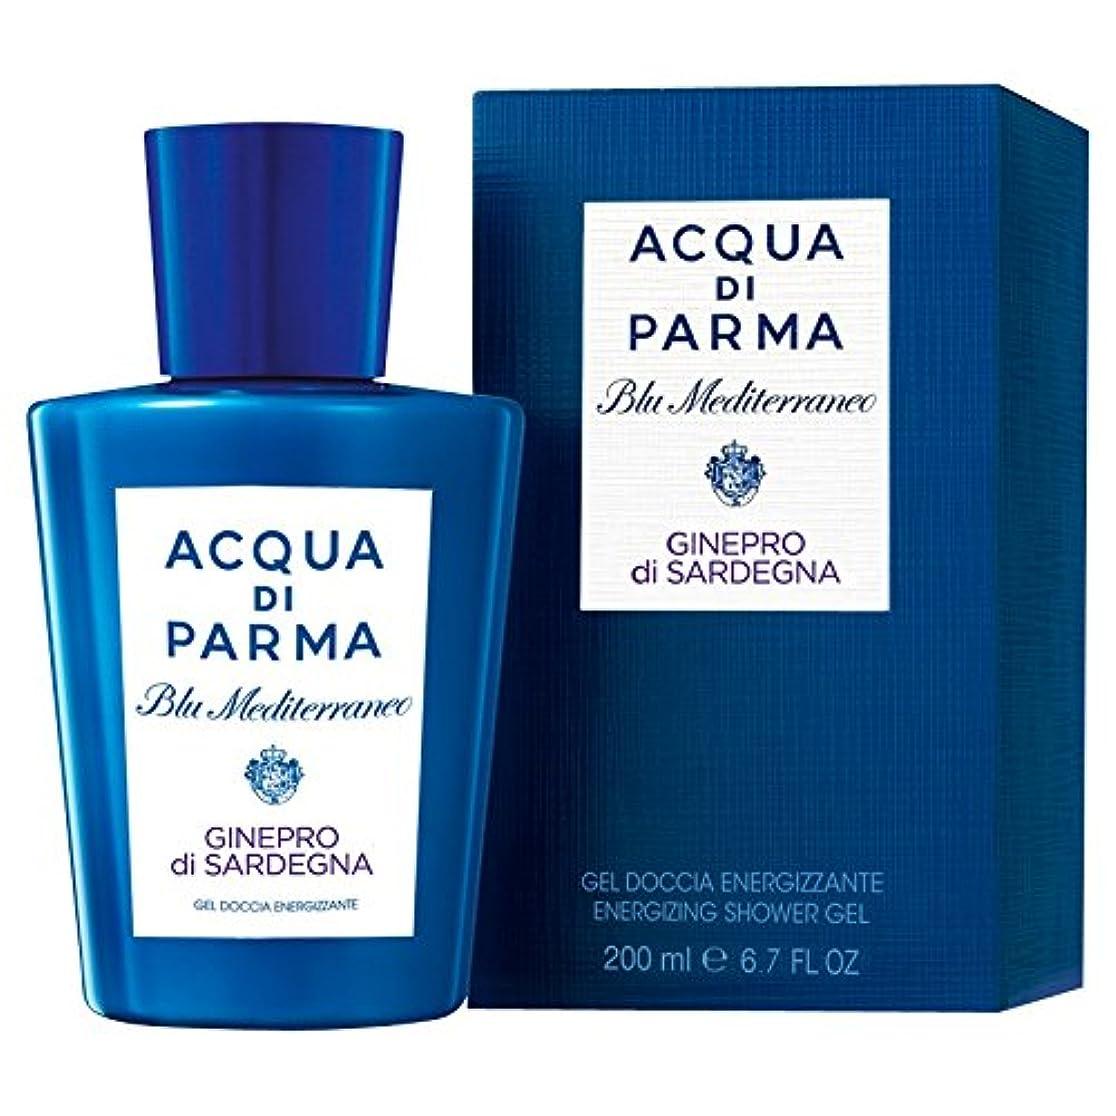 素晴らしいです講義法王アクア?ディ?パルマブルーメディGineproのディサルデーニャシャワージェル200ミリリットル (Acqua di Parma) - Acqua di Parma Blu Mediterraneo Ginepro Di...